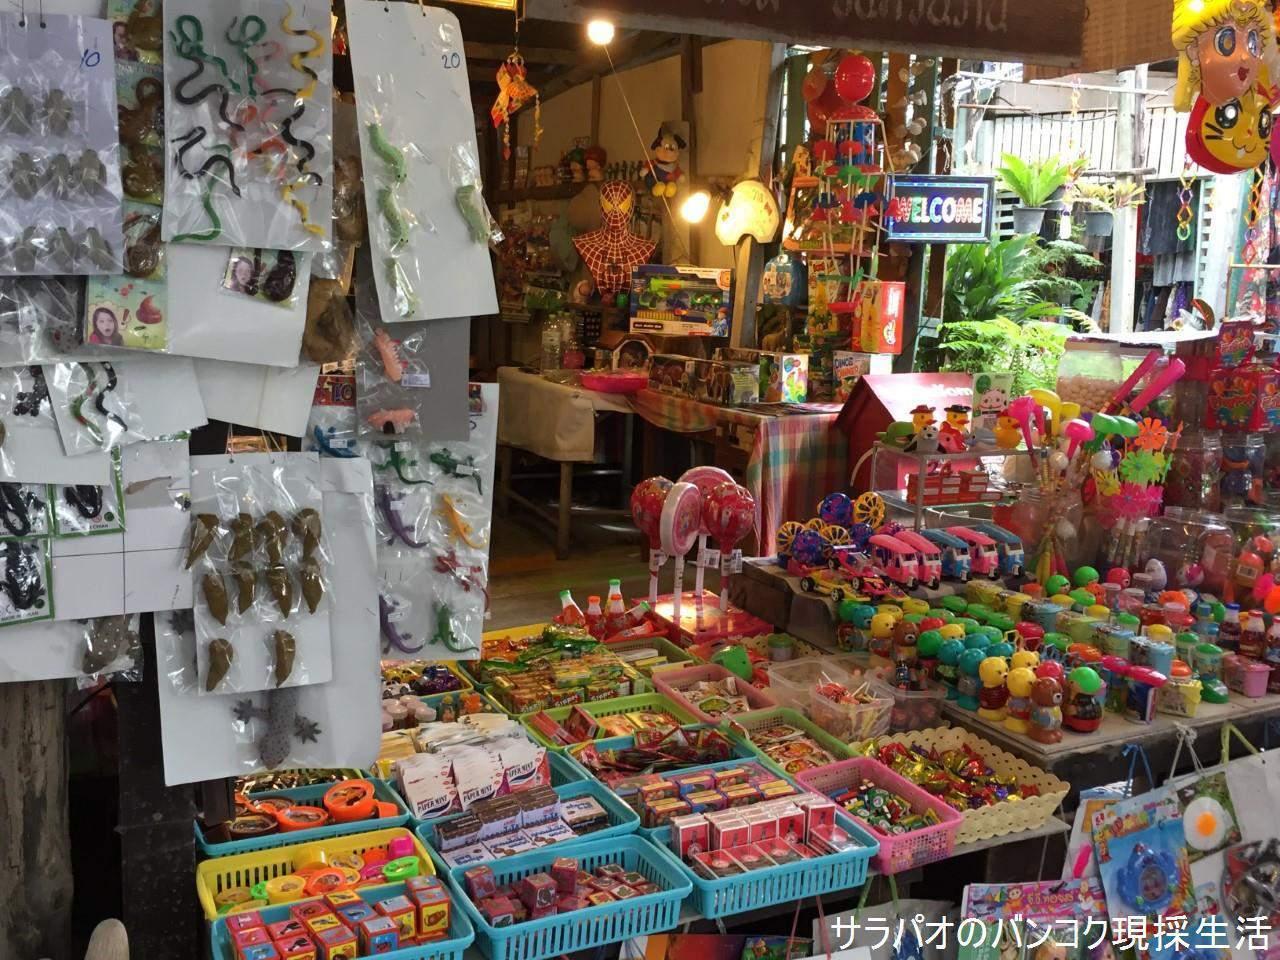 KhlongLatMaYomFloatingMarket_10.jpg